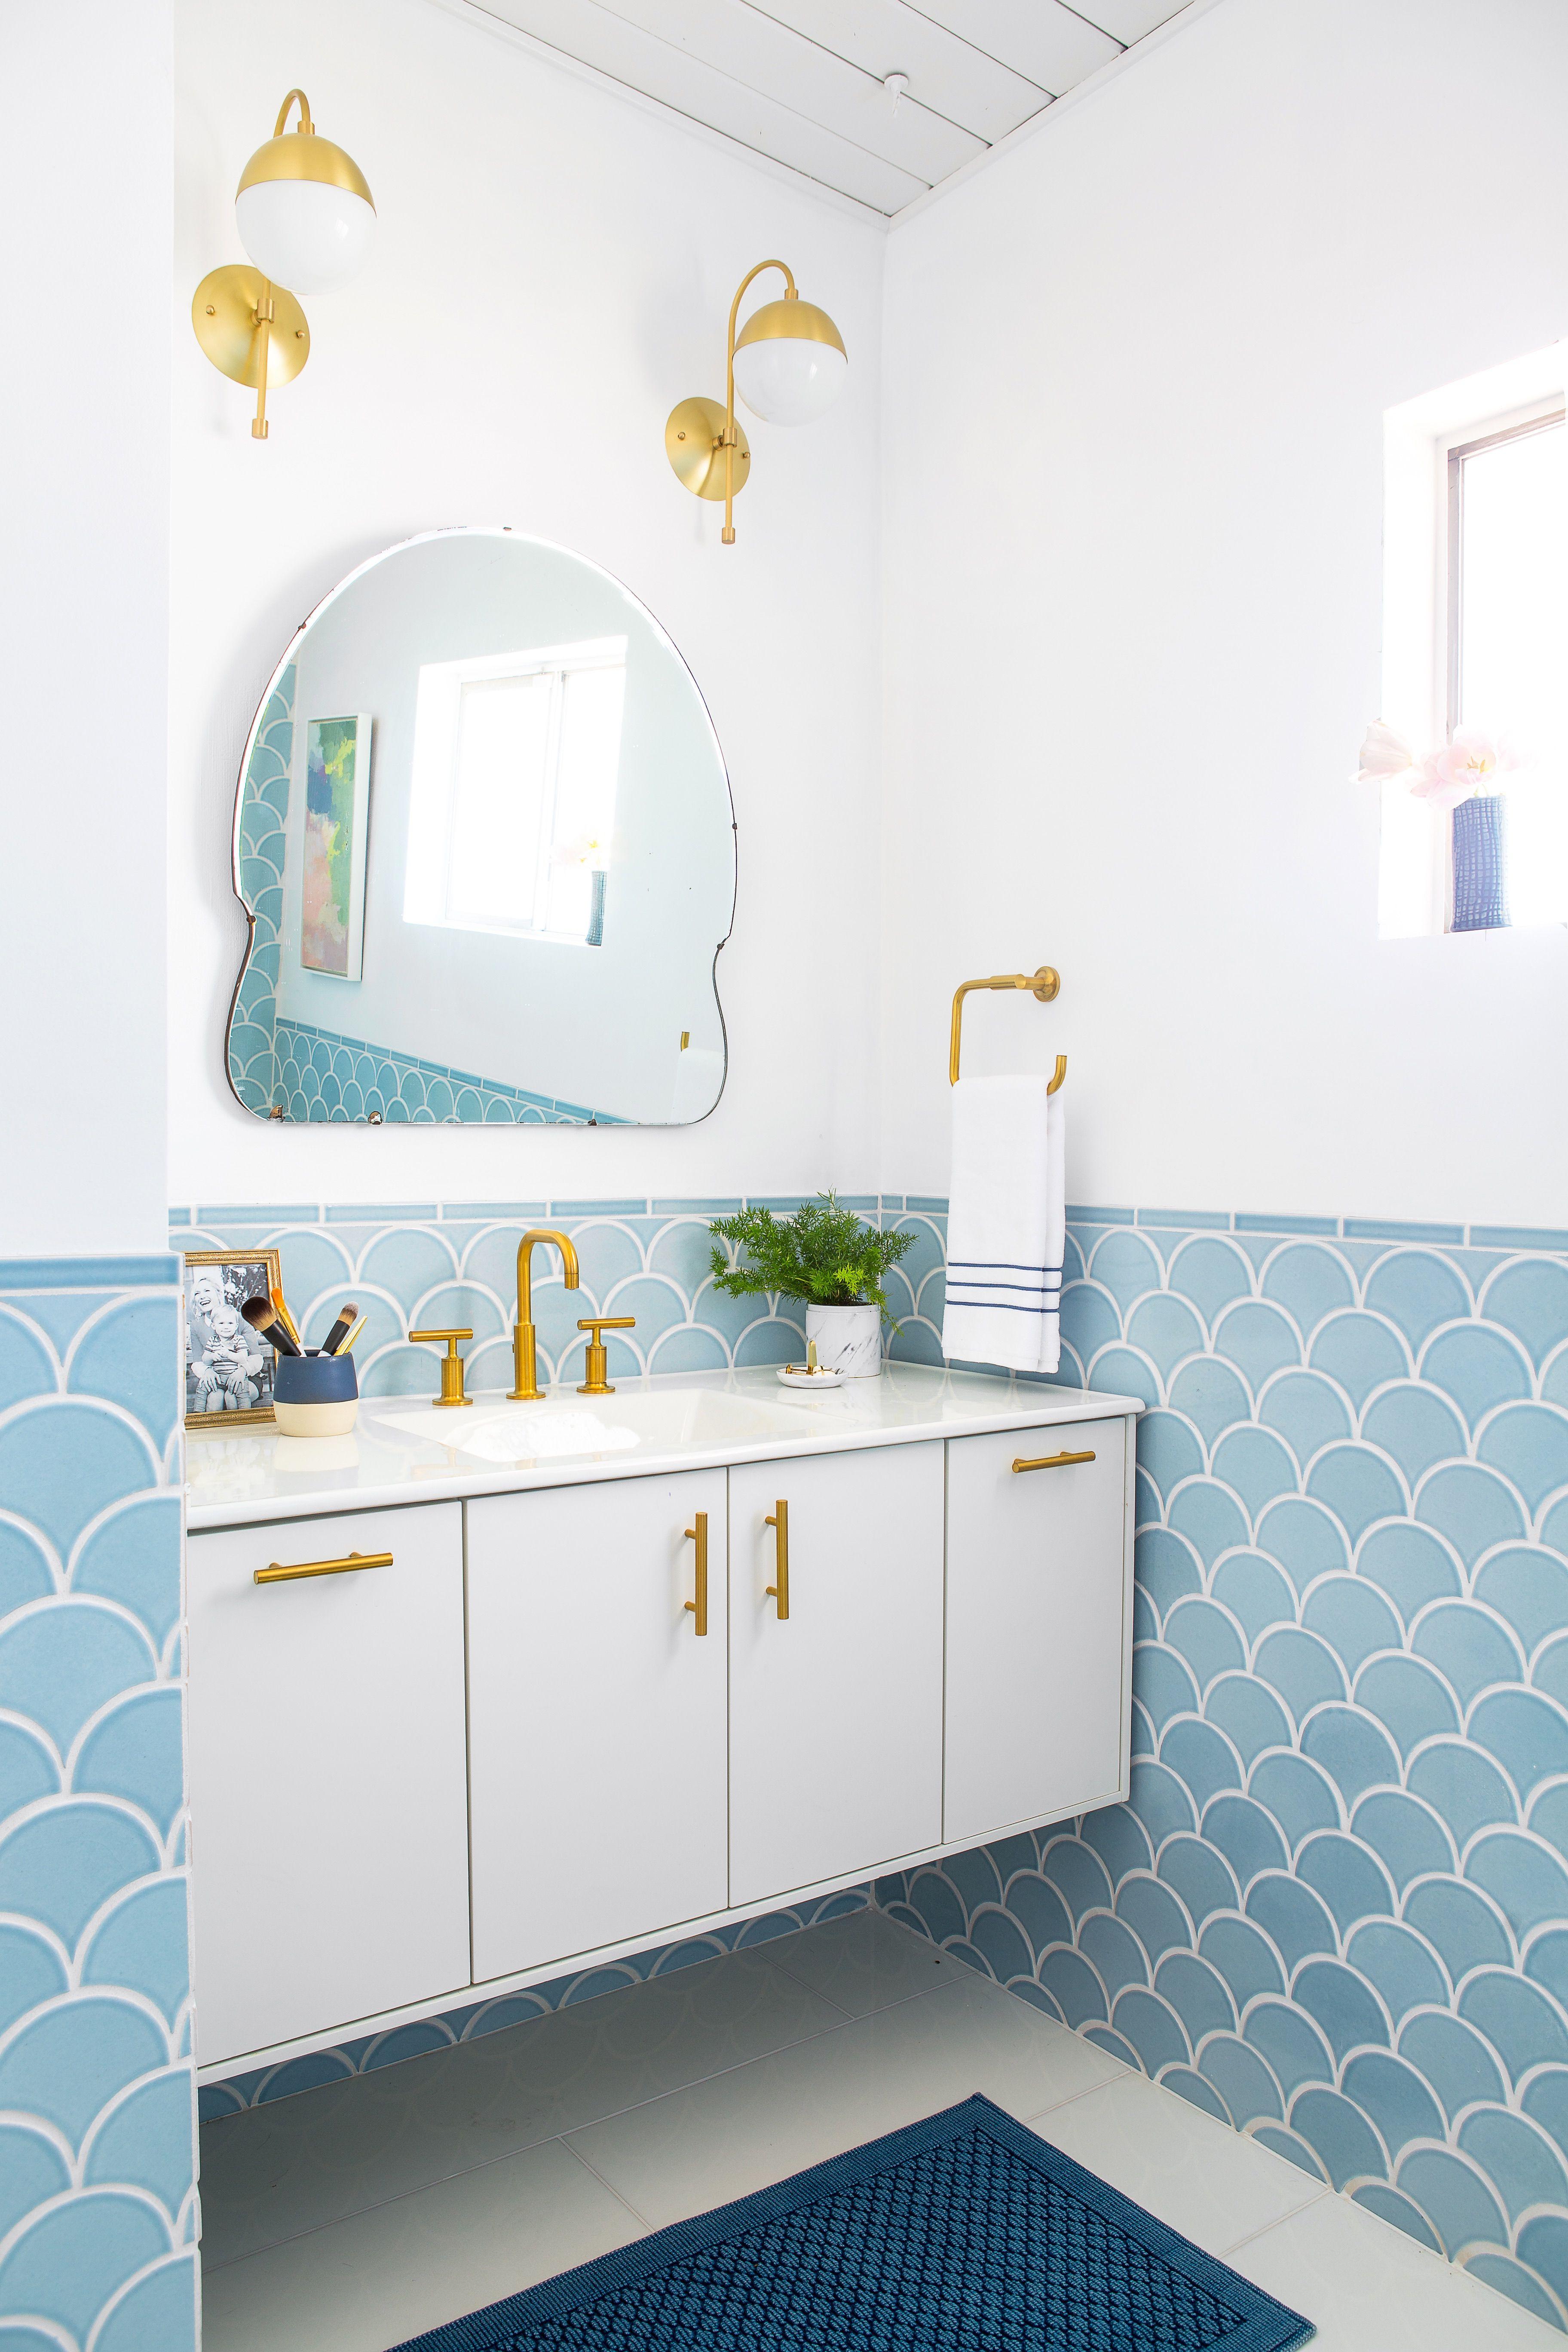 30+ Bathroom Tile Design Ideas - Tile Backsplash and Floor Designs for  Bathrooms